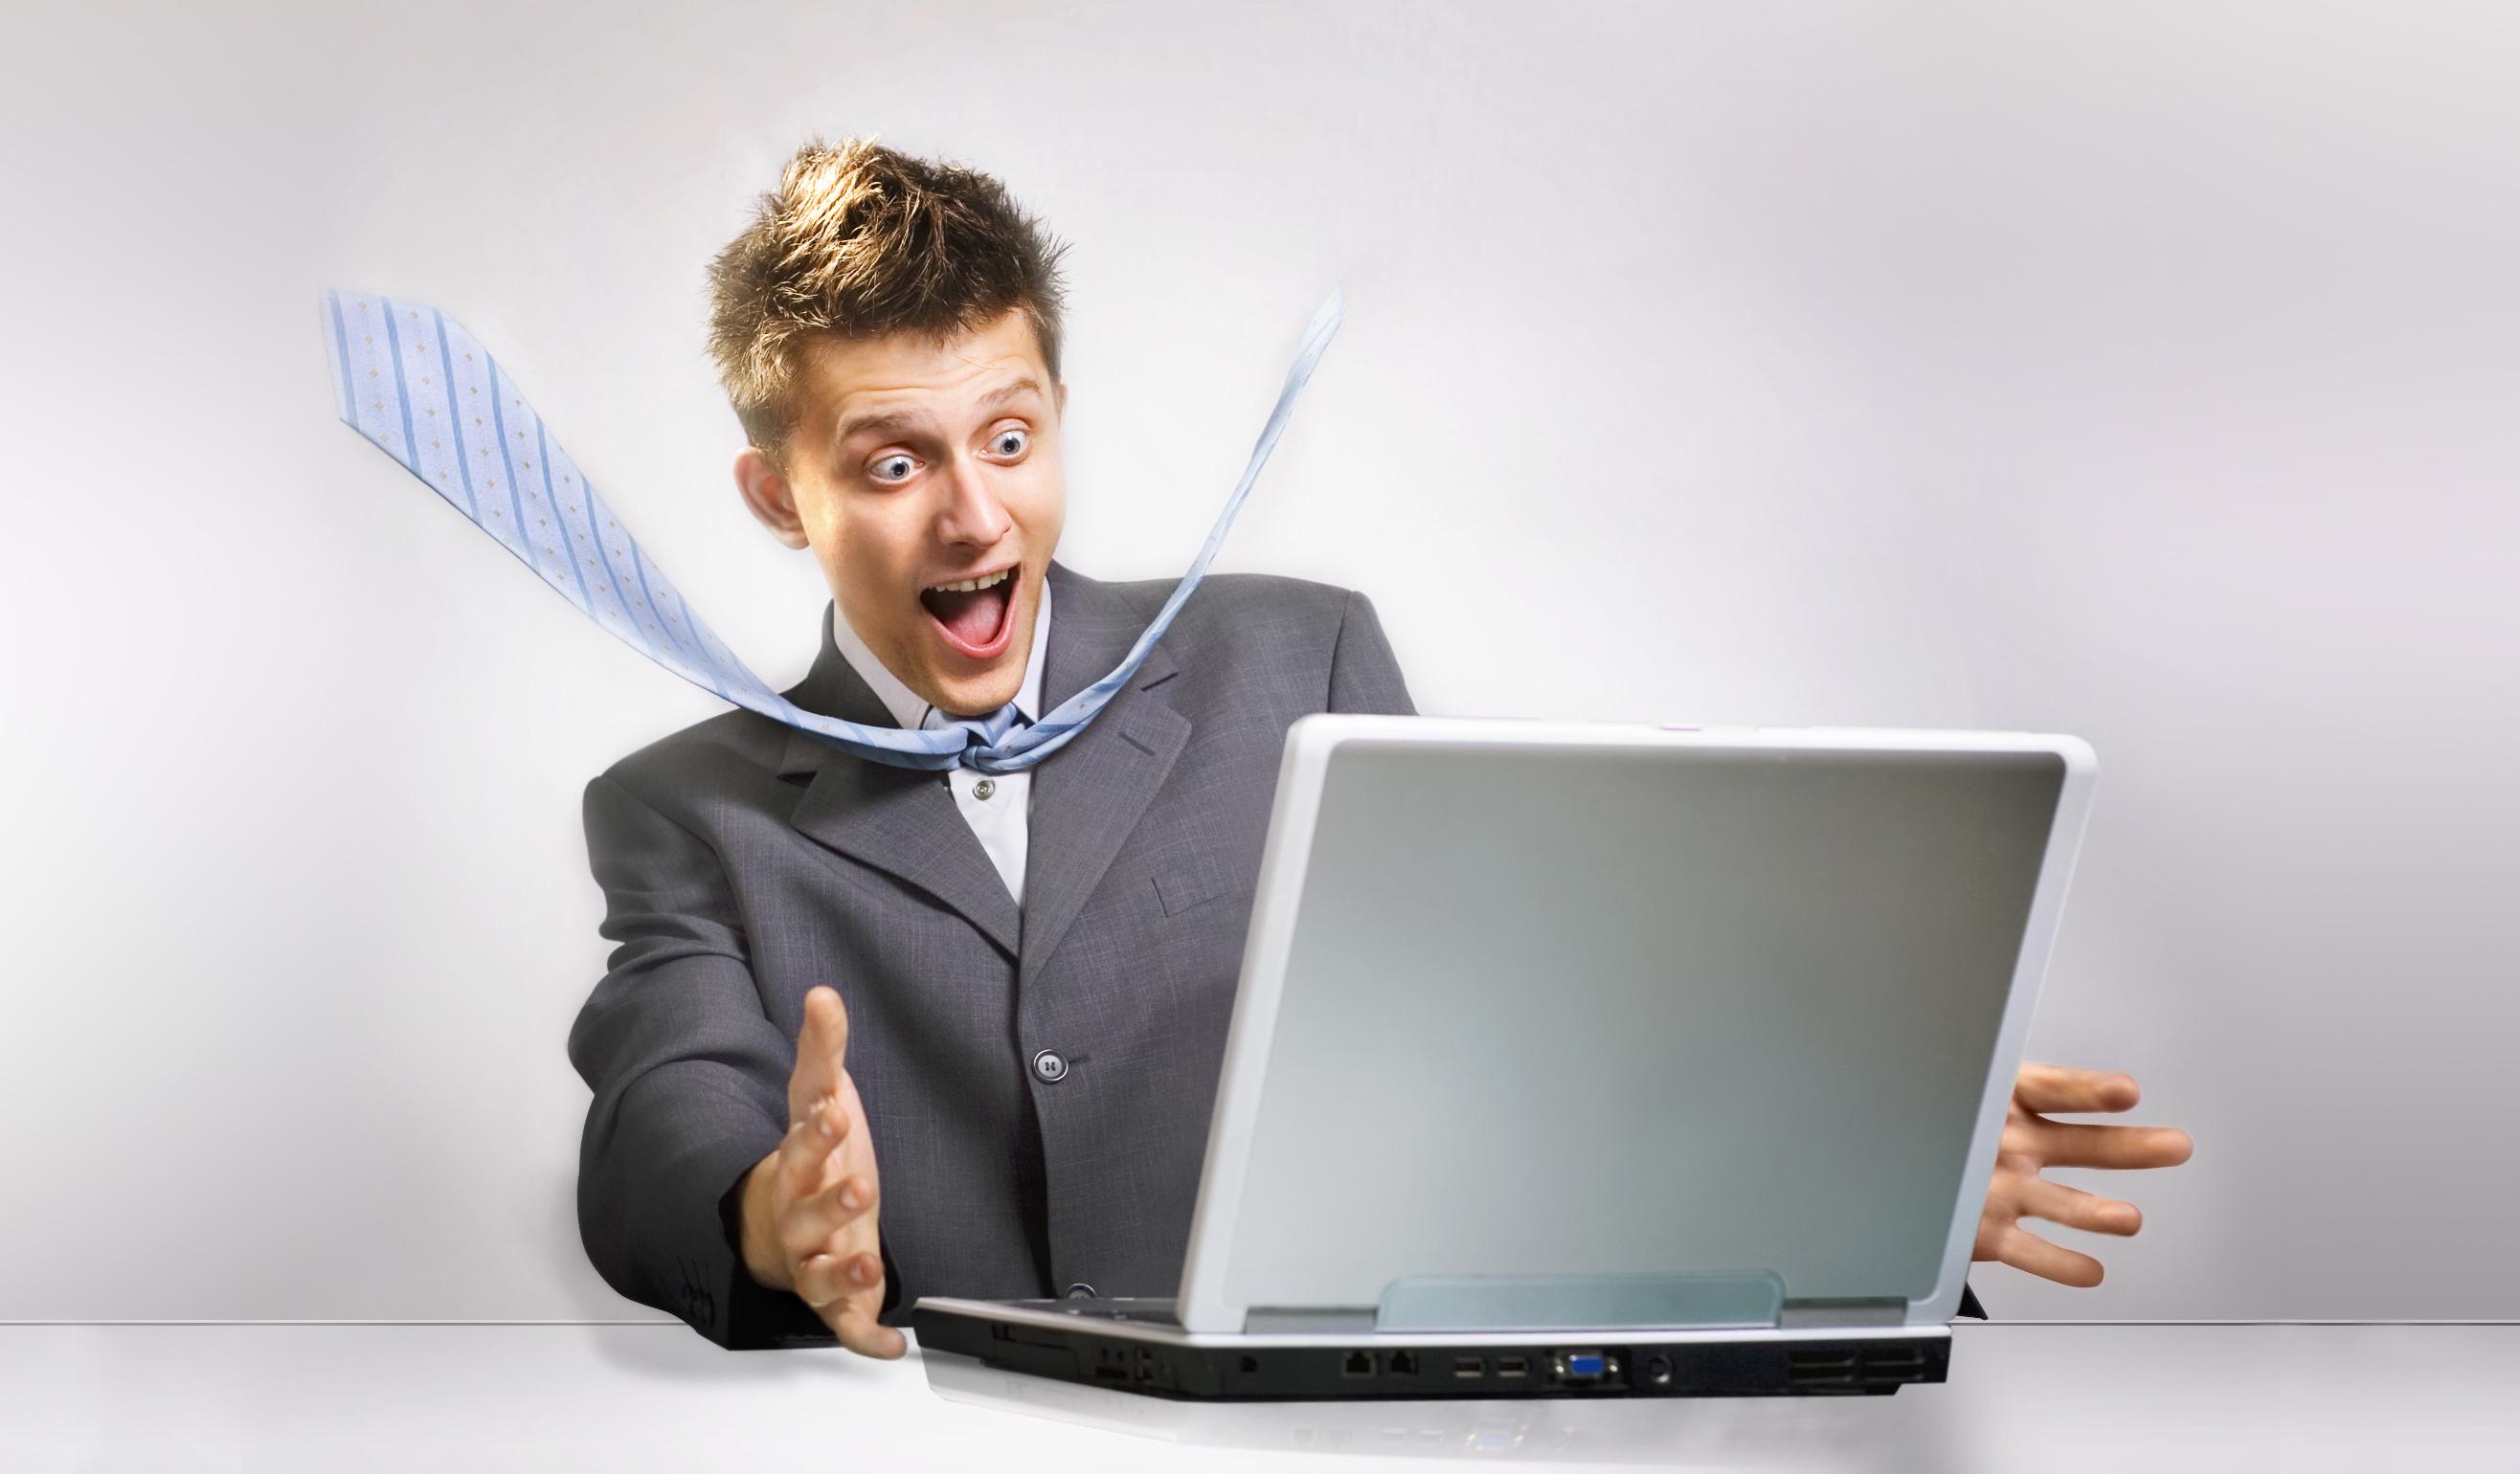 Смешные картинки человек ищет работу